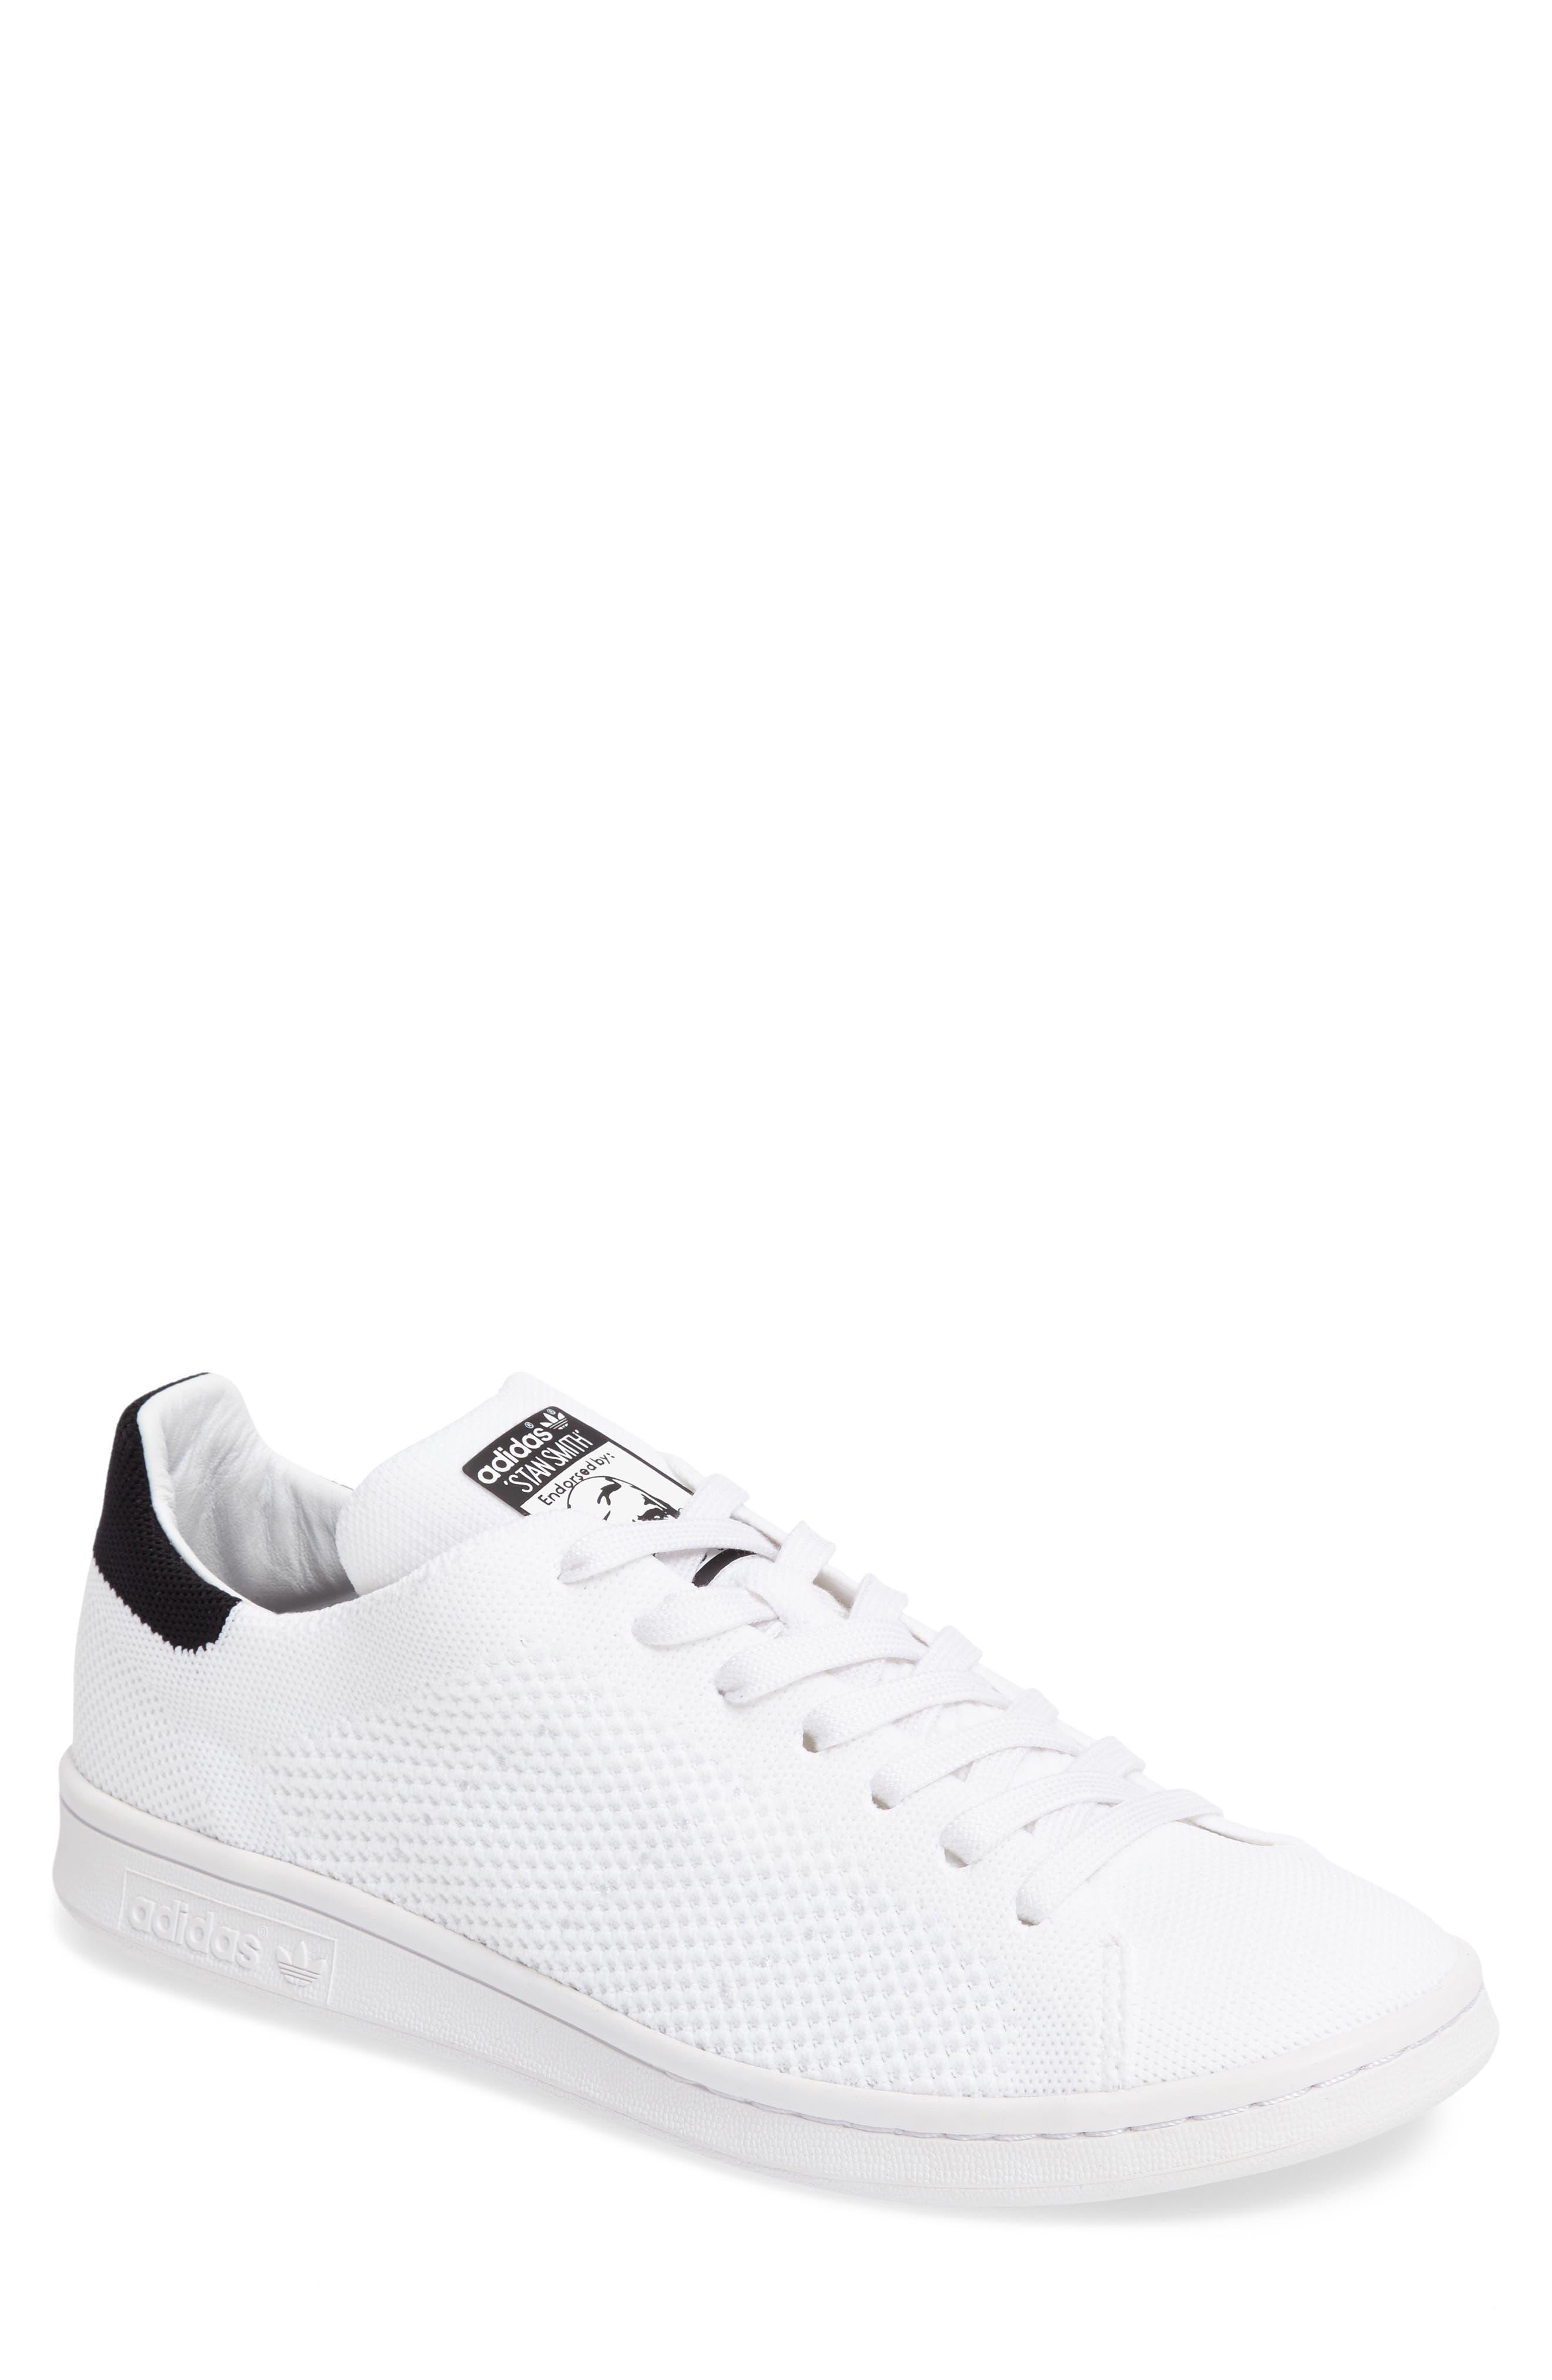 fec6aa7952153 Buy adidas yeezy nordstrom - 55% OFF